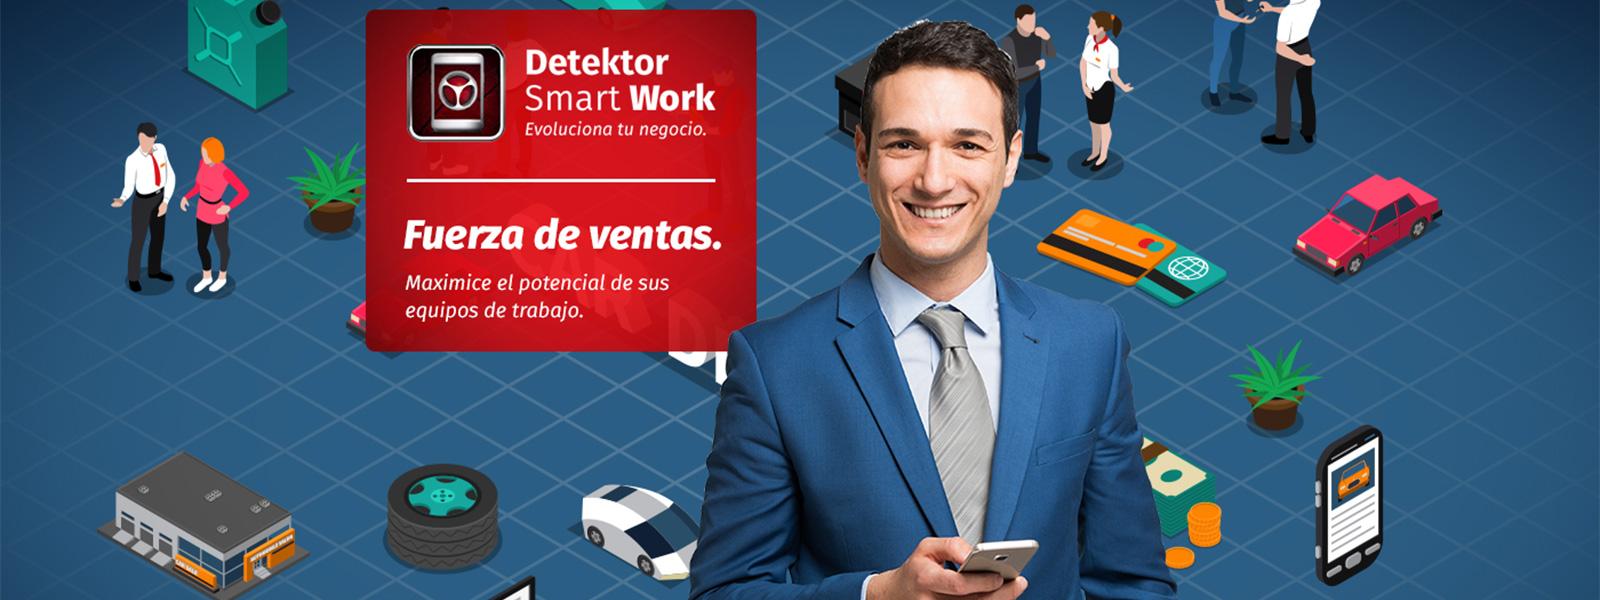 Detektor SmartWork para su teletrabajo